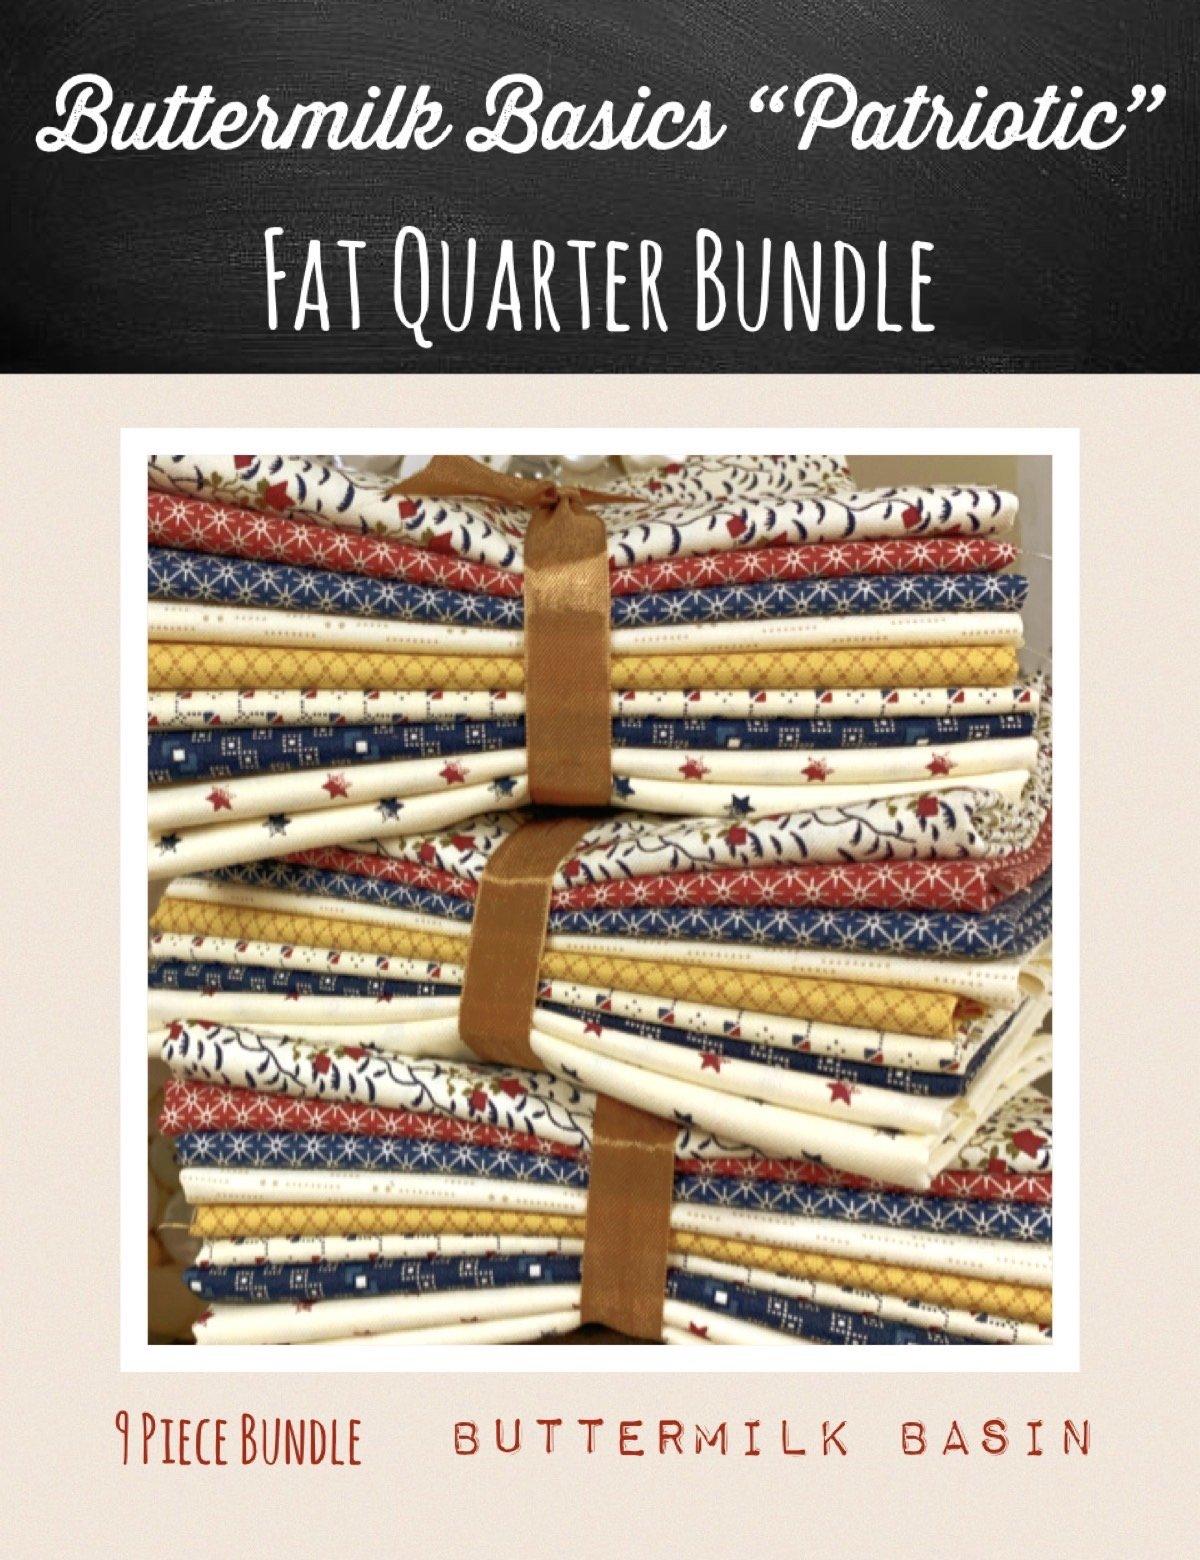 Buttermilk Basic's 9 Piece Fat Quarter Bundle * Patriotic